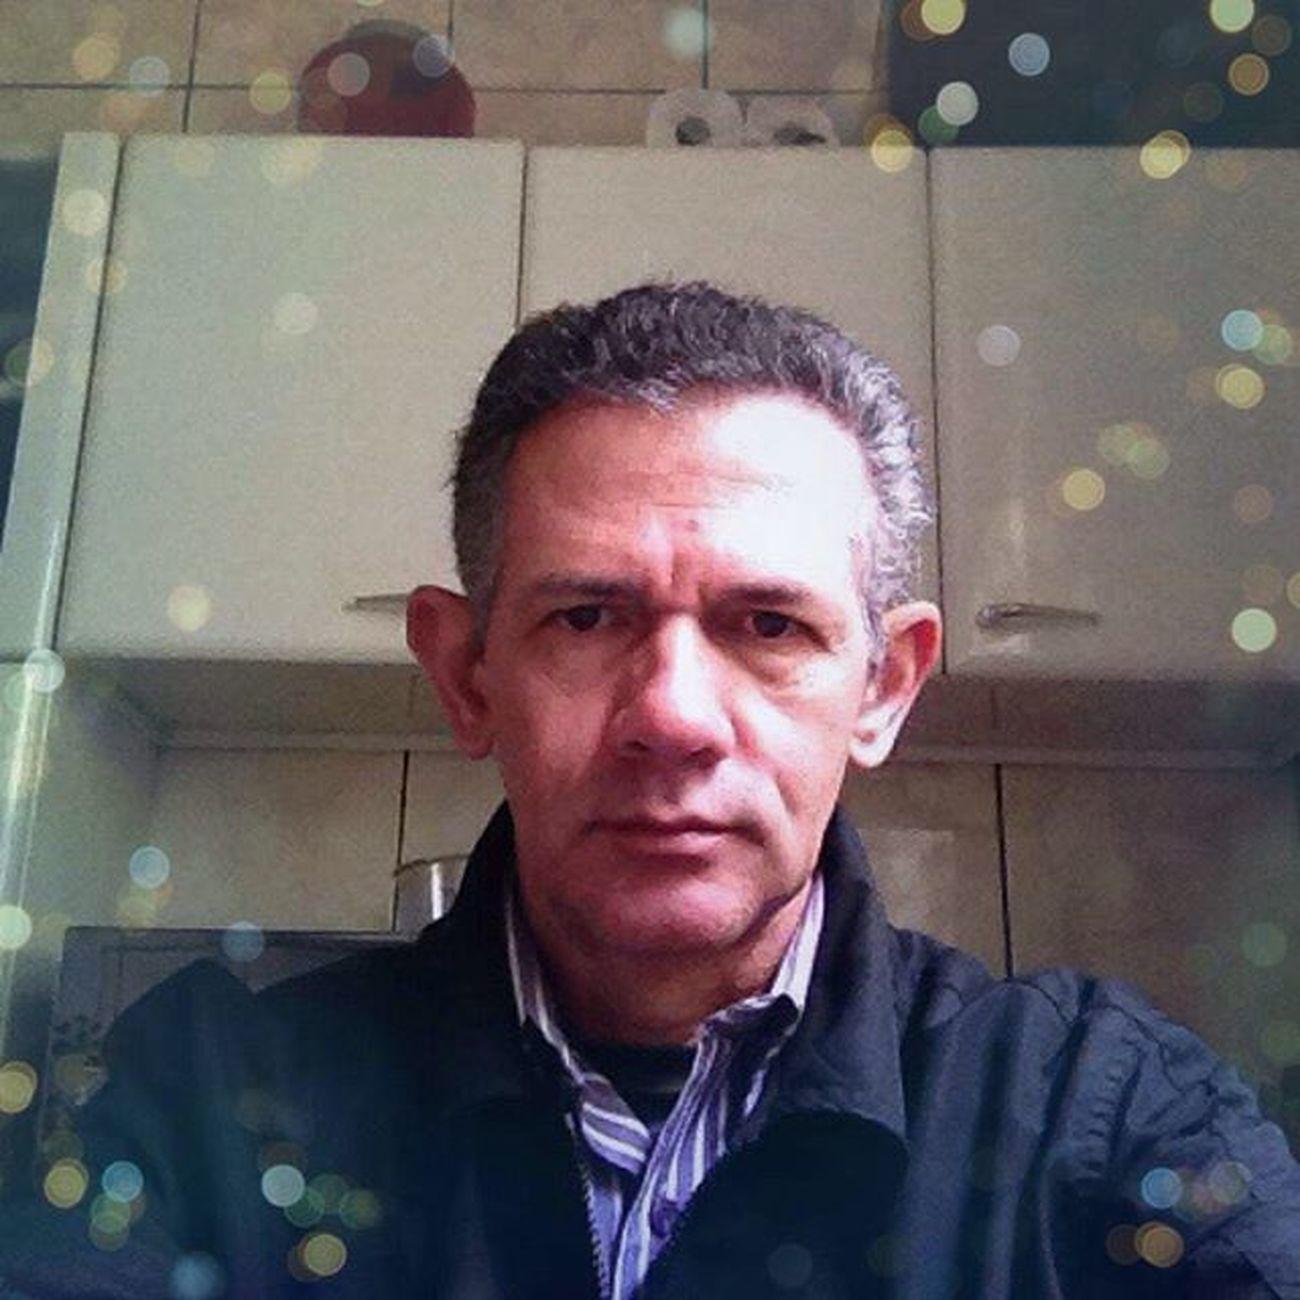 Meus efeitos fotográficos com o aplicativo Pho.to Lab Photolab Lightbokeh